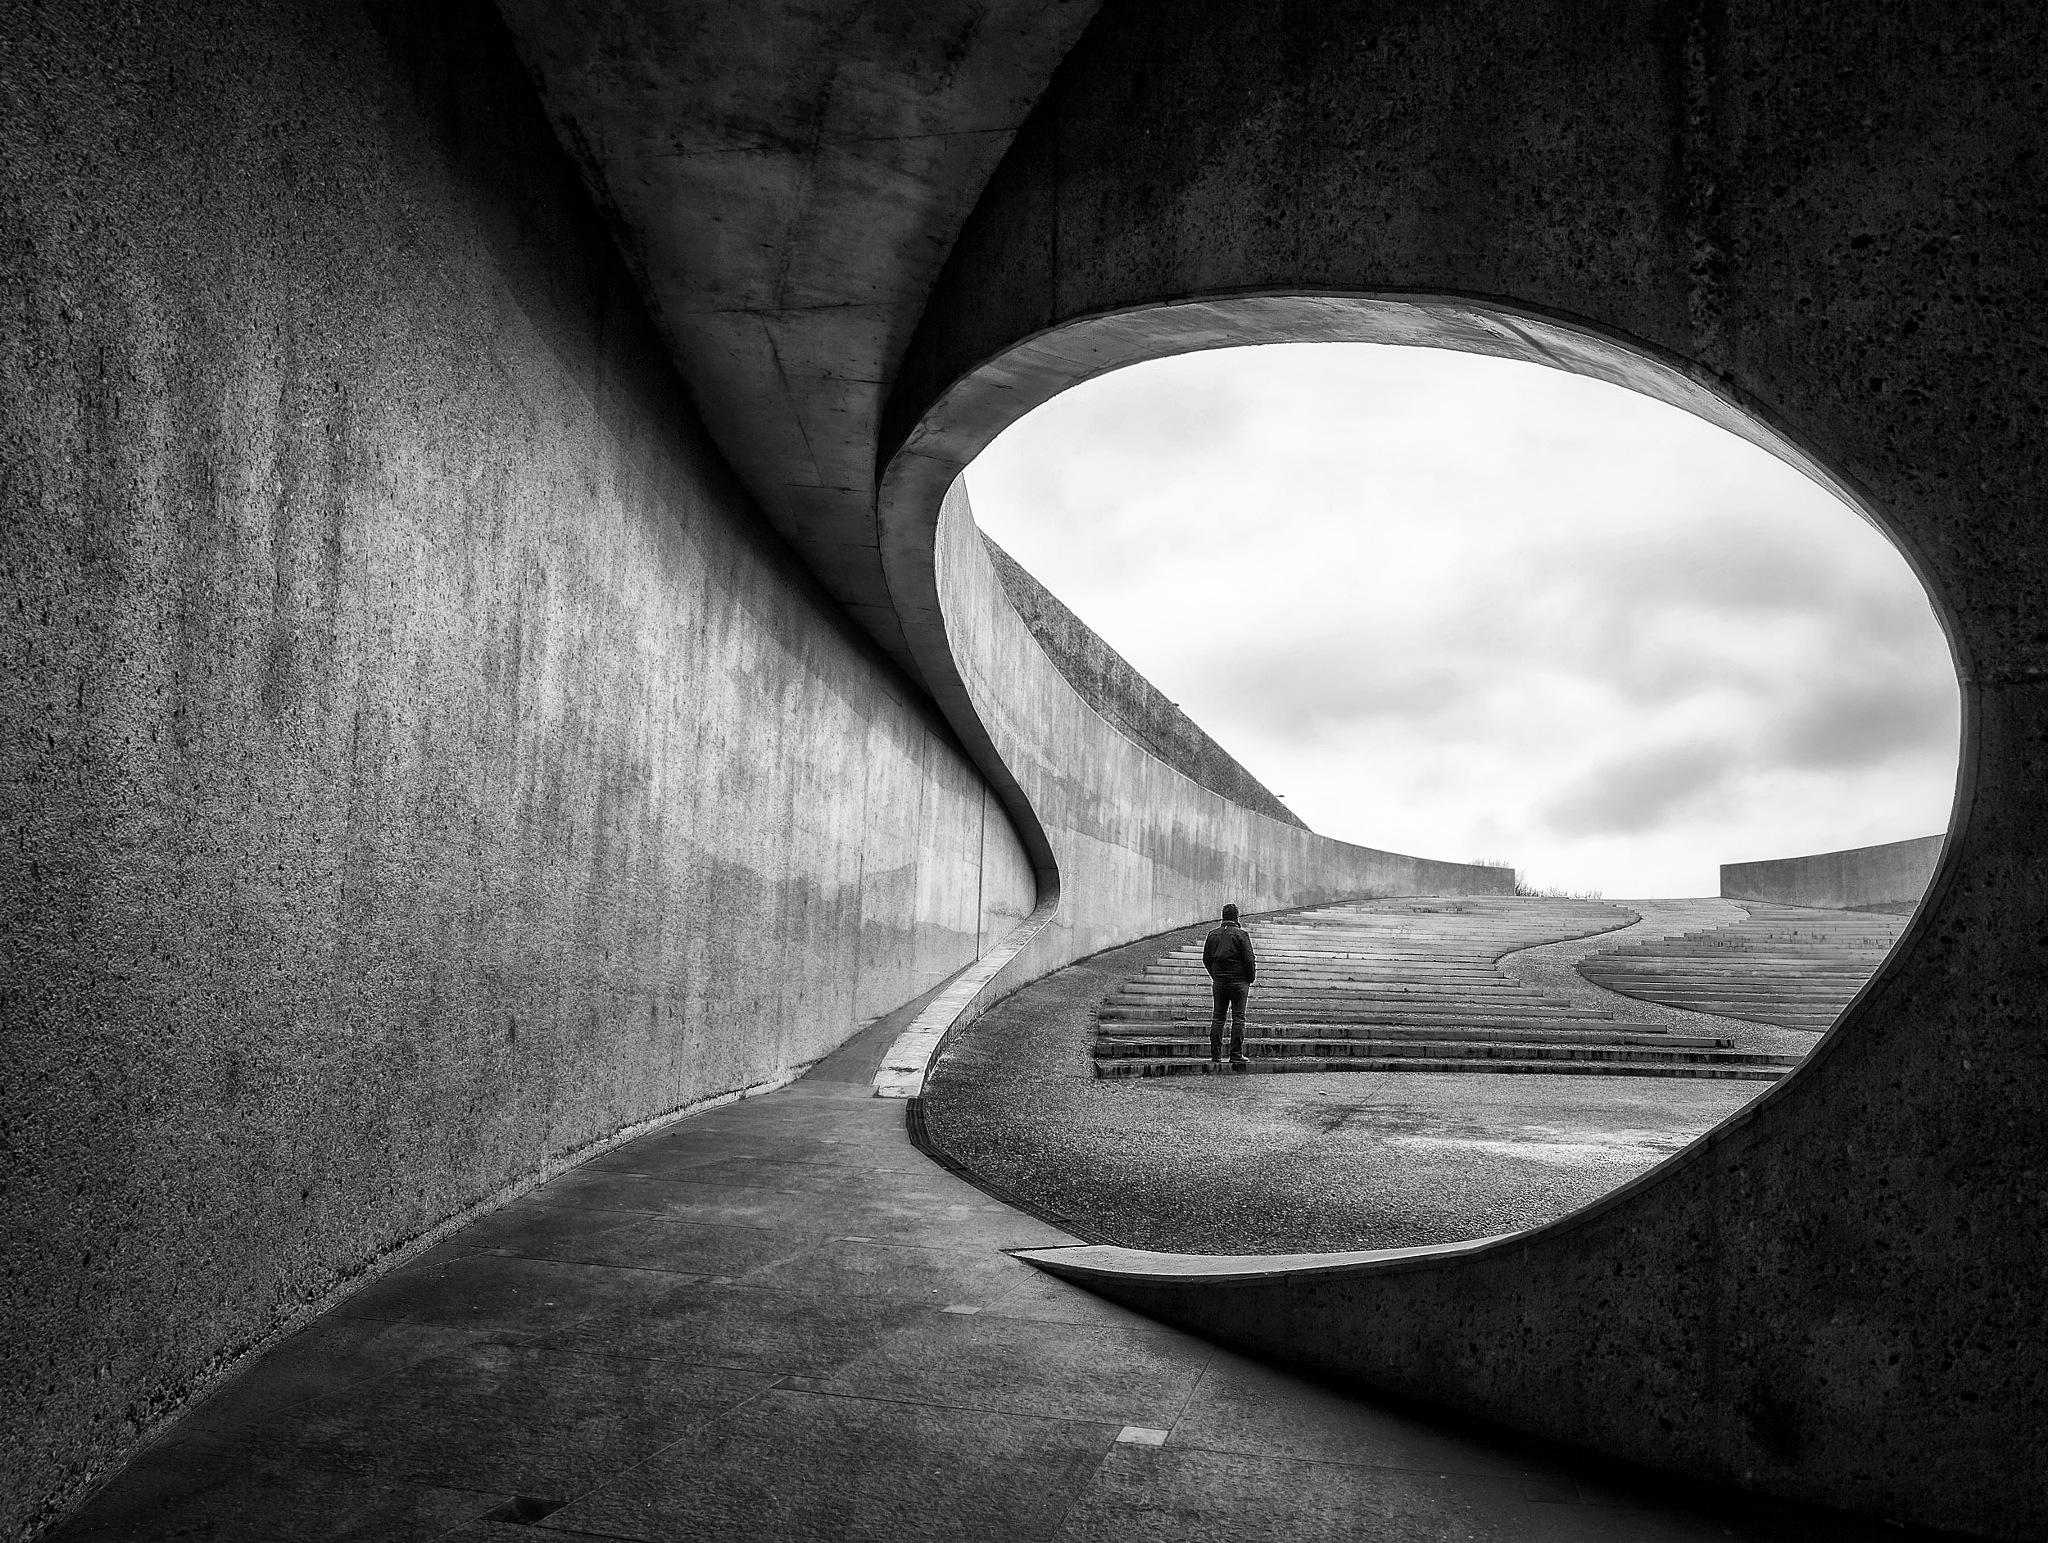 Visitor Center by Dirk Kleisa